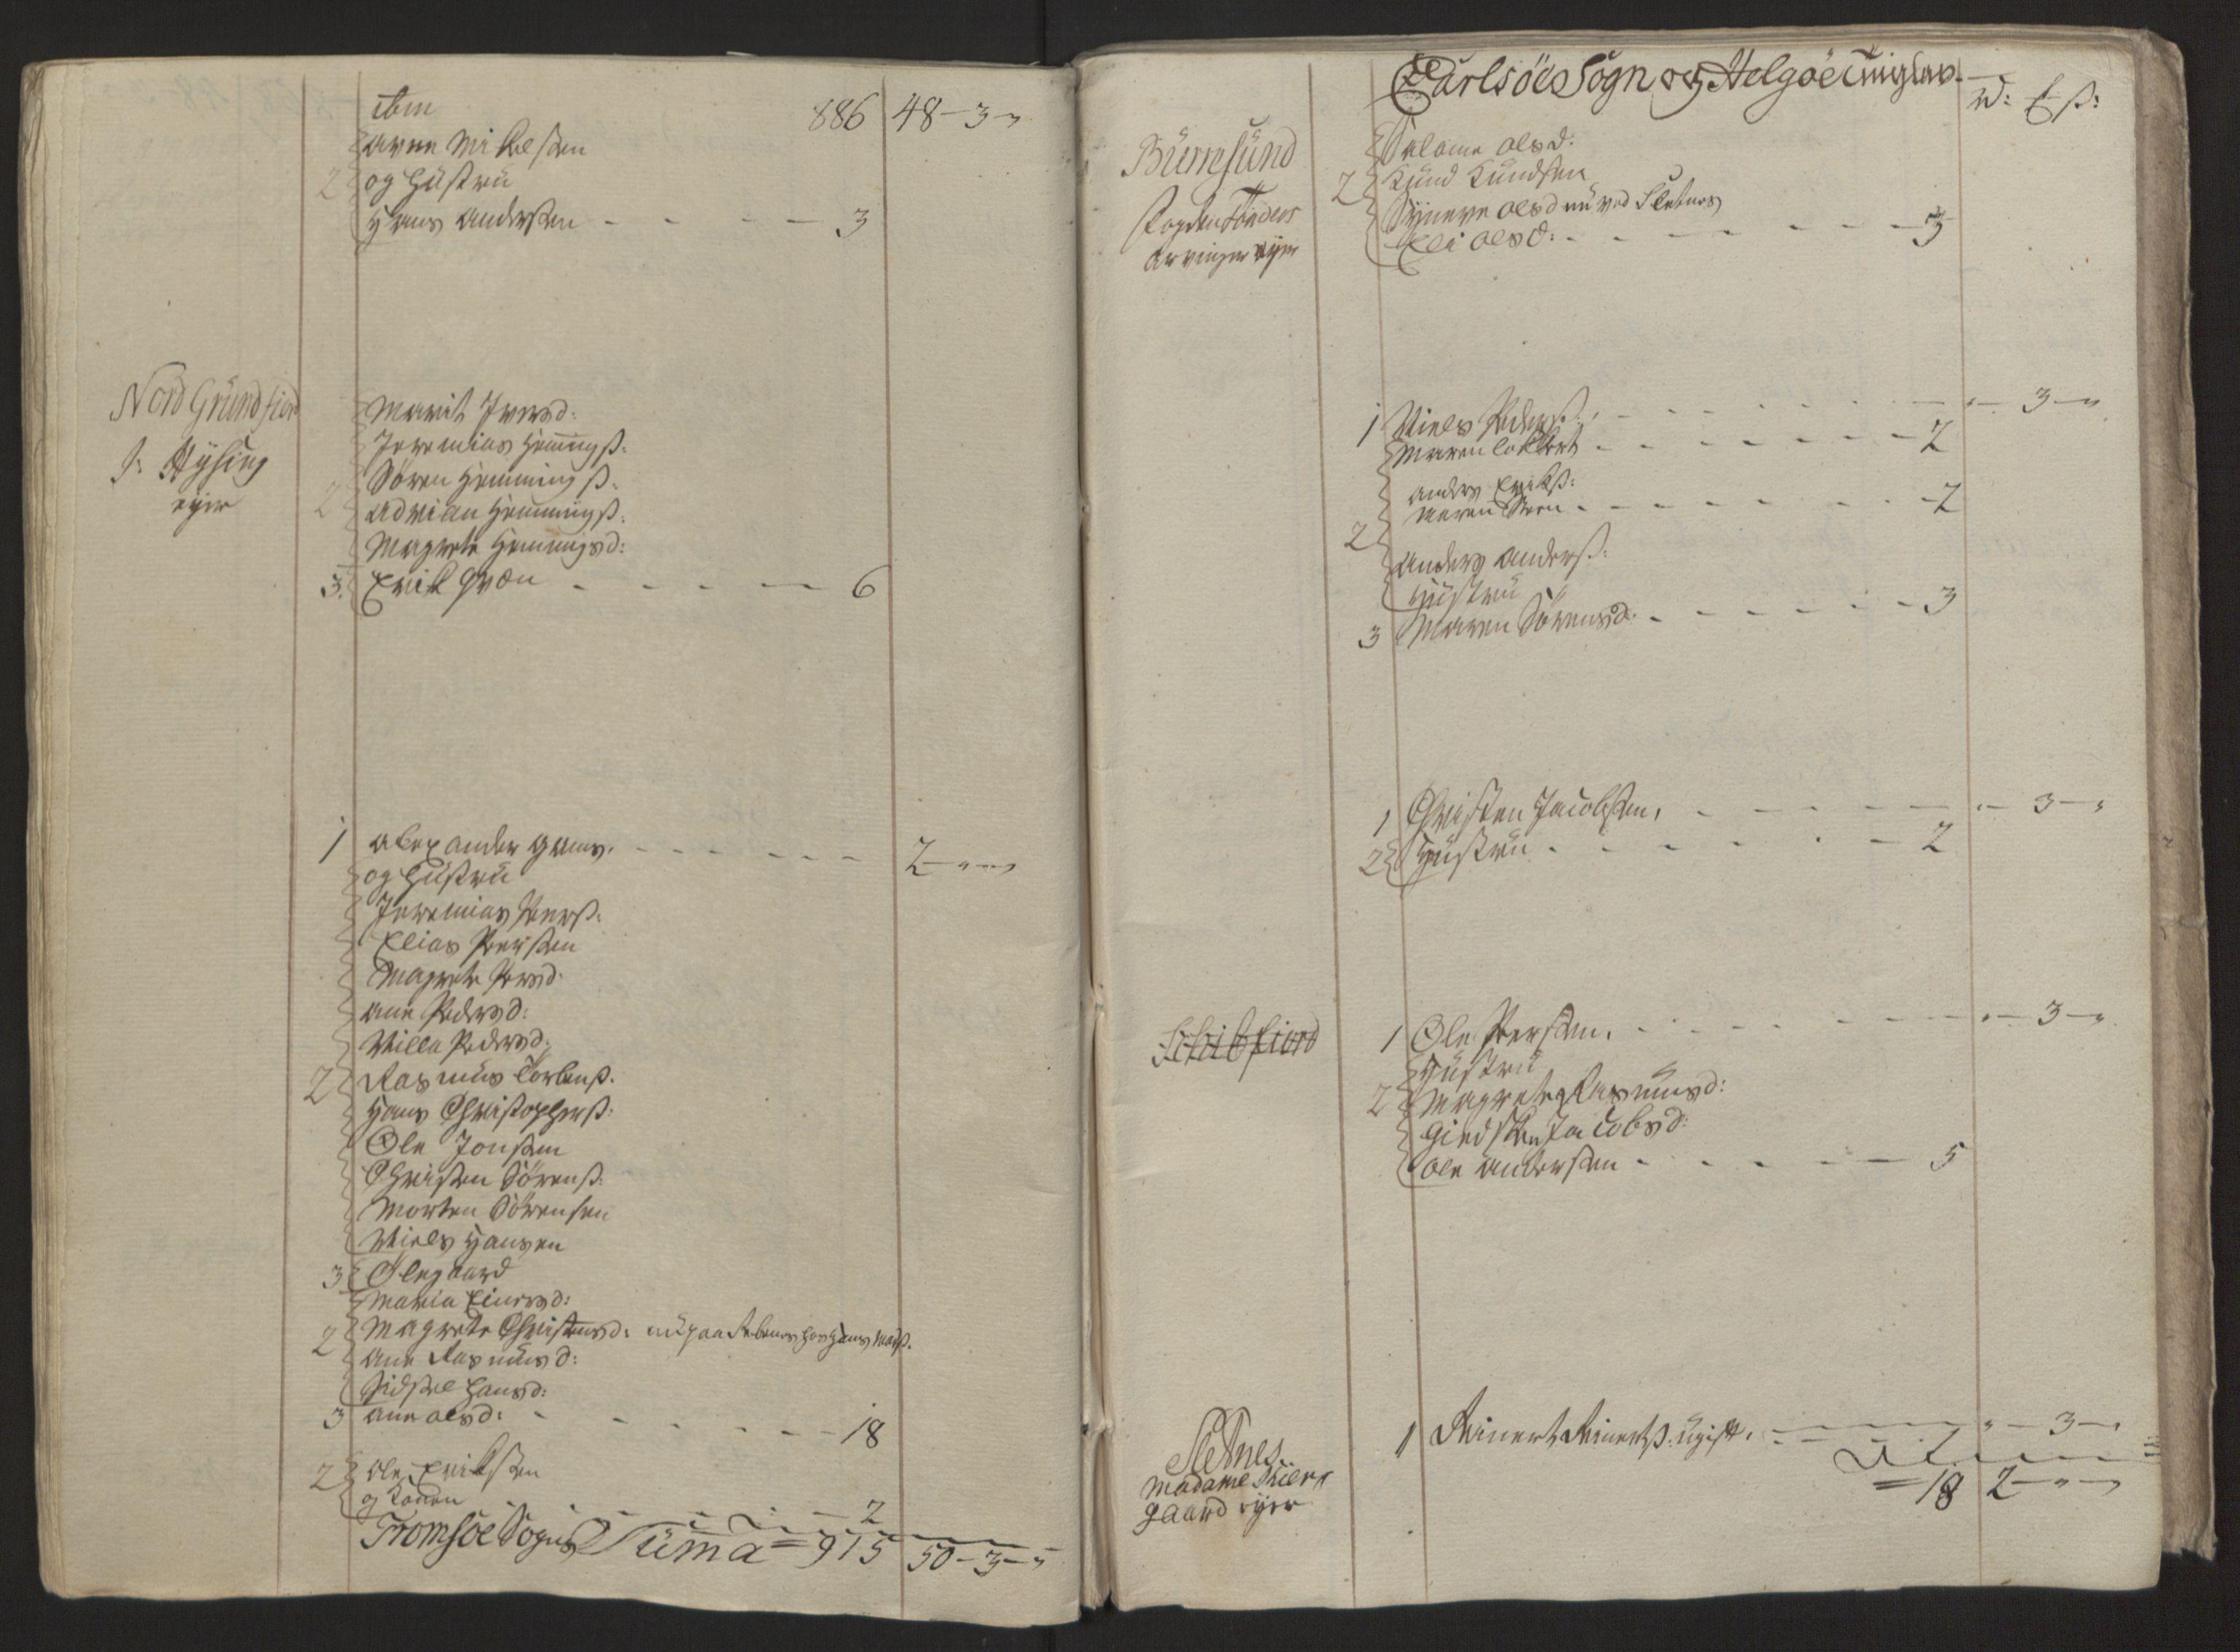 RA, Rentekammeret inntil 1814, Reviderte regnskaper, Fogderegnskap, R68/L4845: Ekstraskatten Senja og Troms, 1762-1765, s. 394